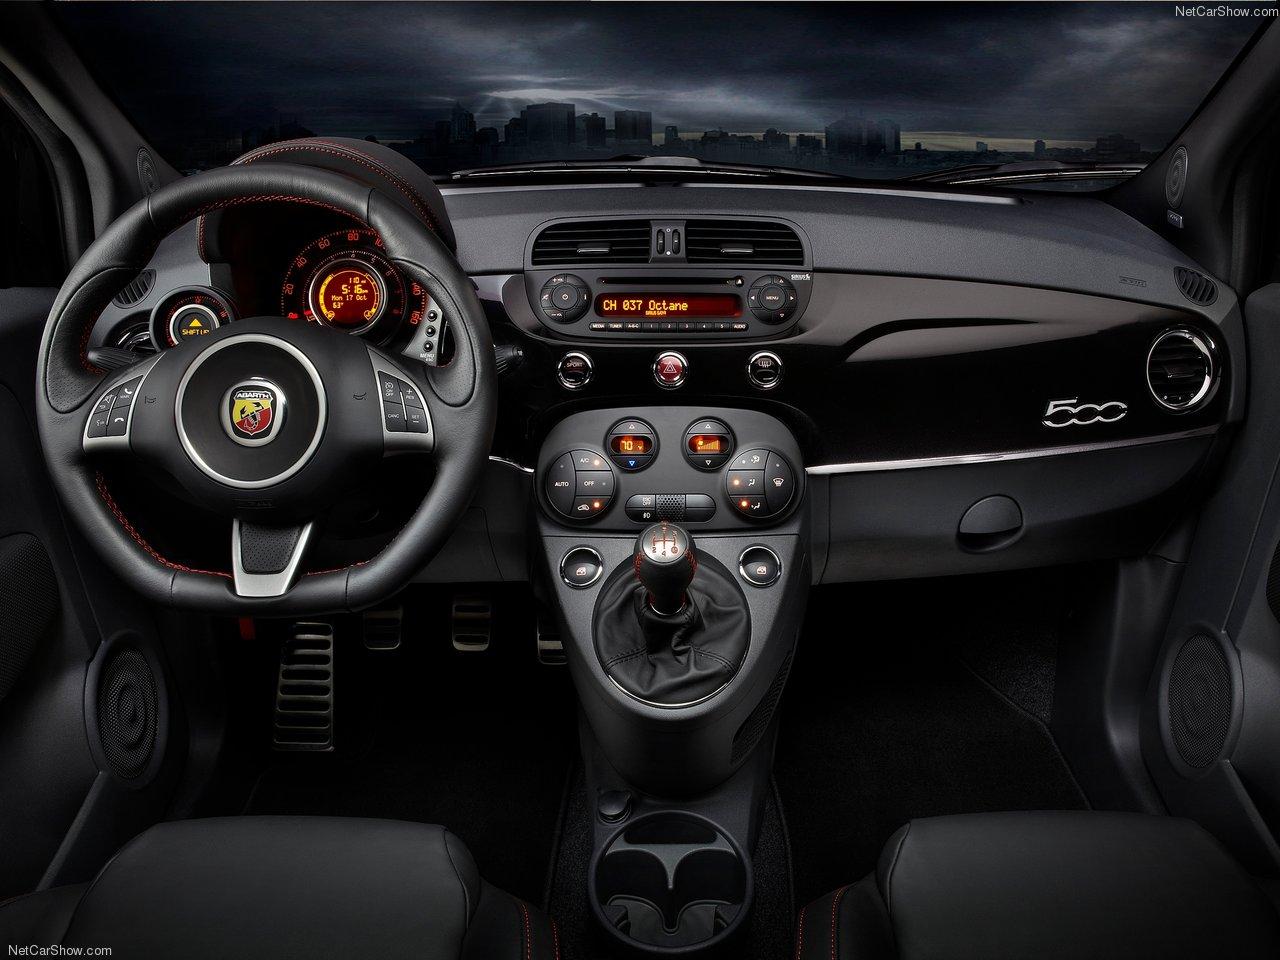 «Истинный итальянец»: тест-драйв Fiat 500 Abarth 3